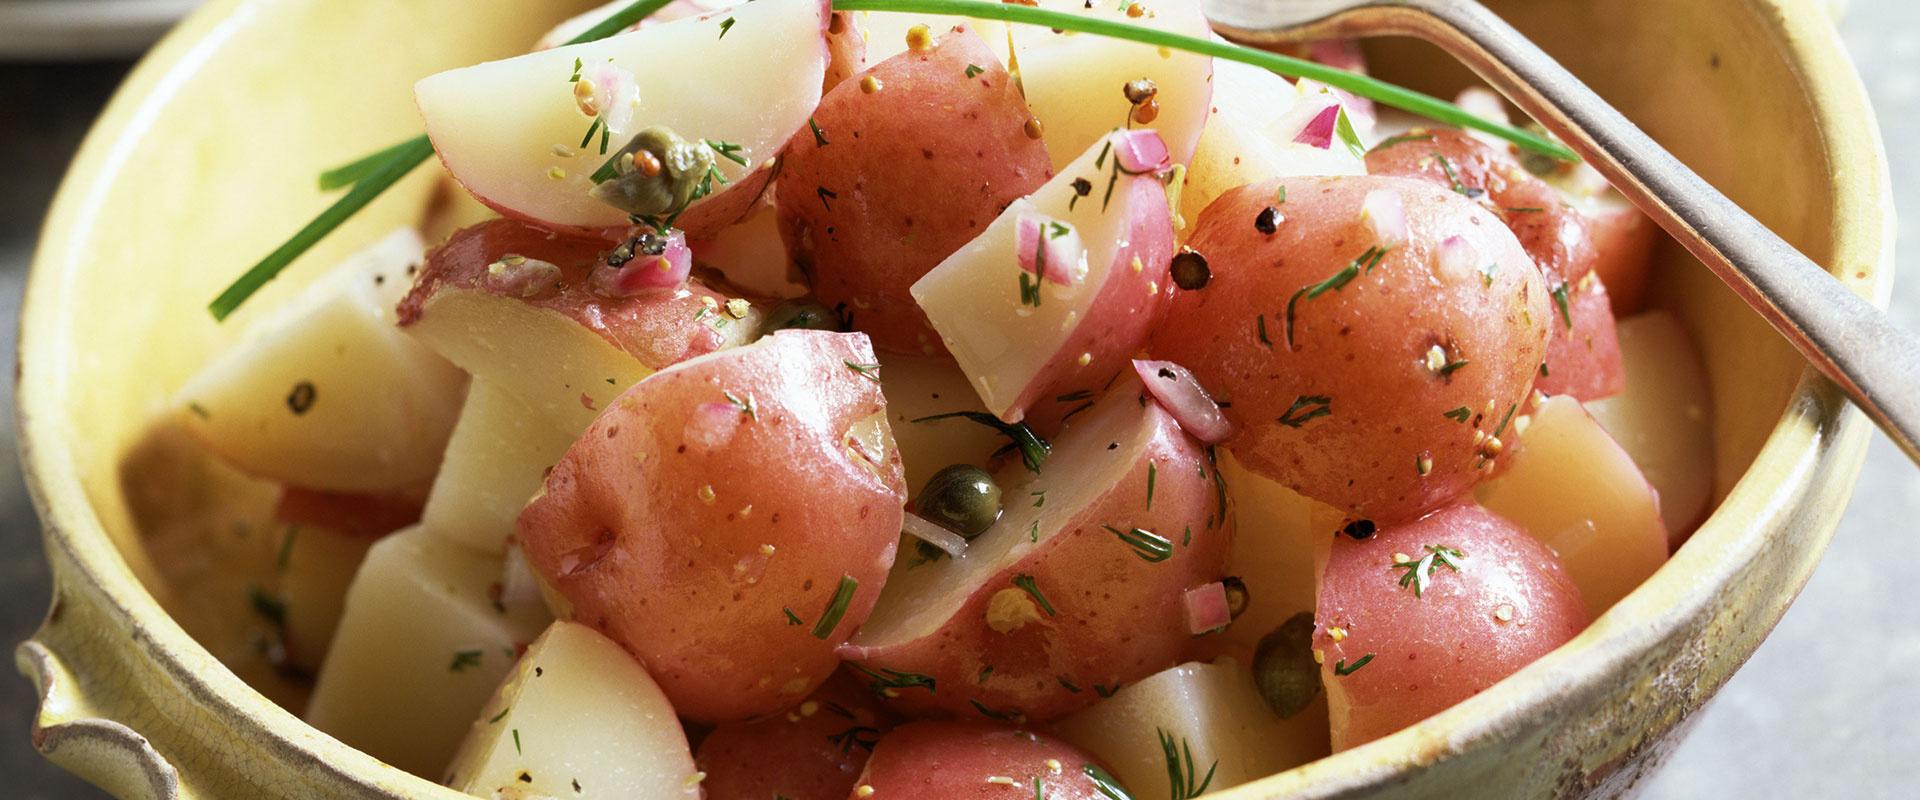 újkrumplisaláta2